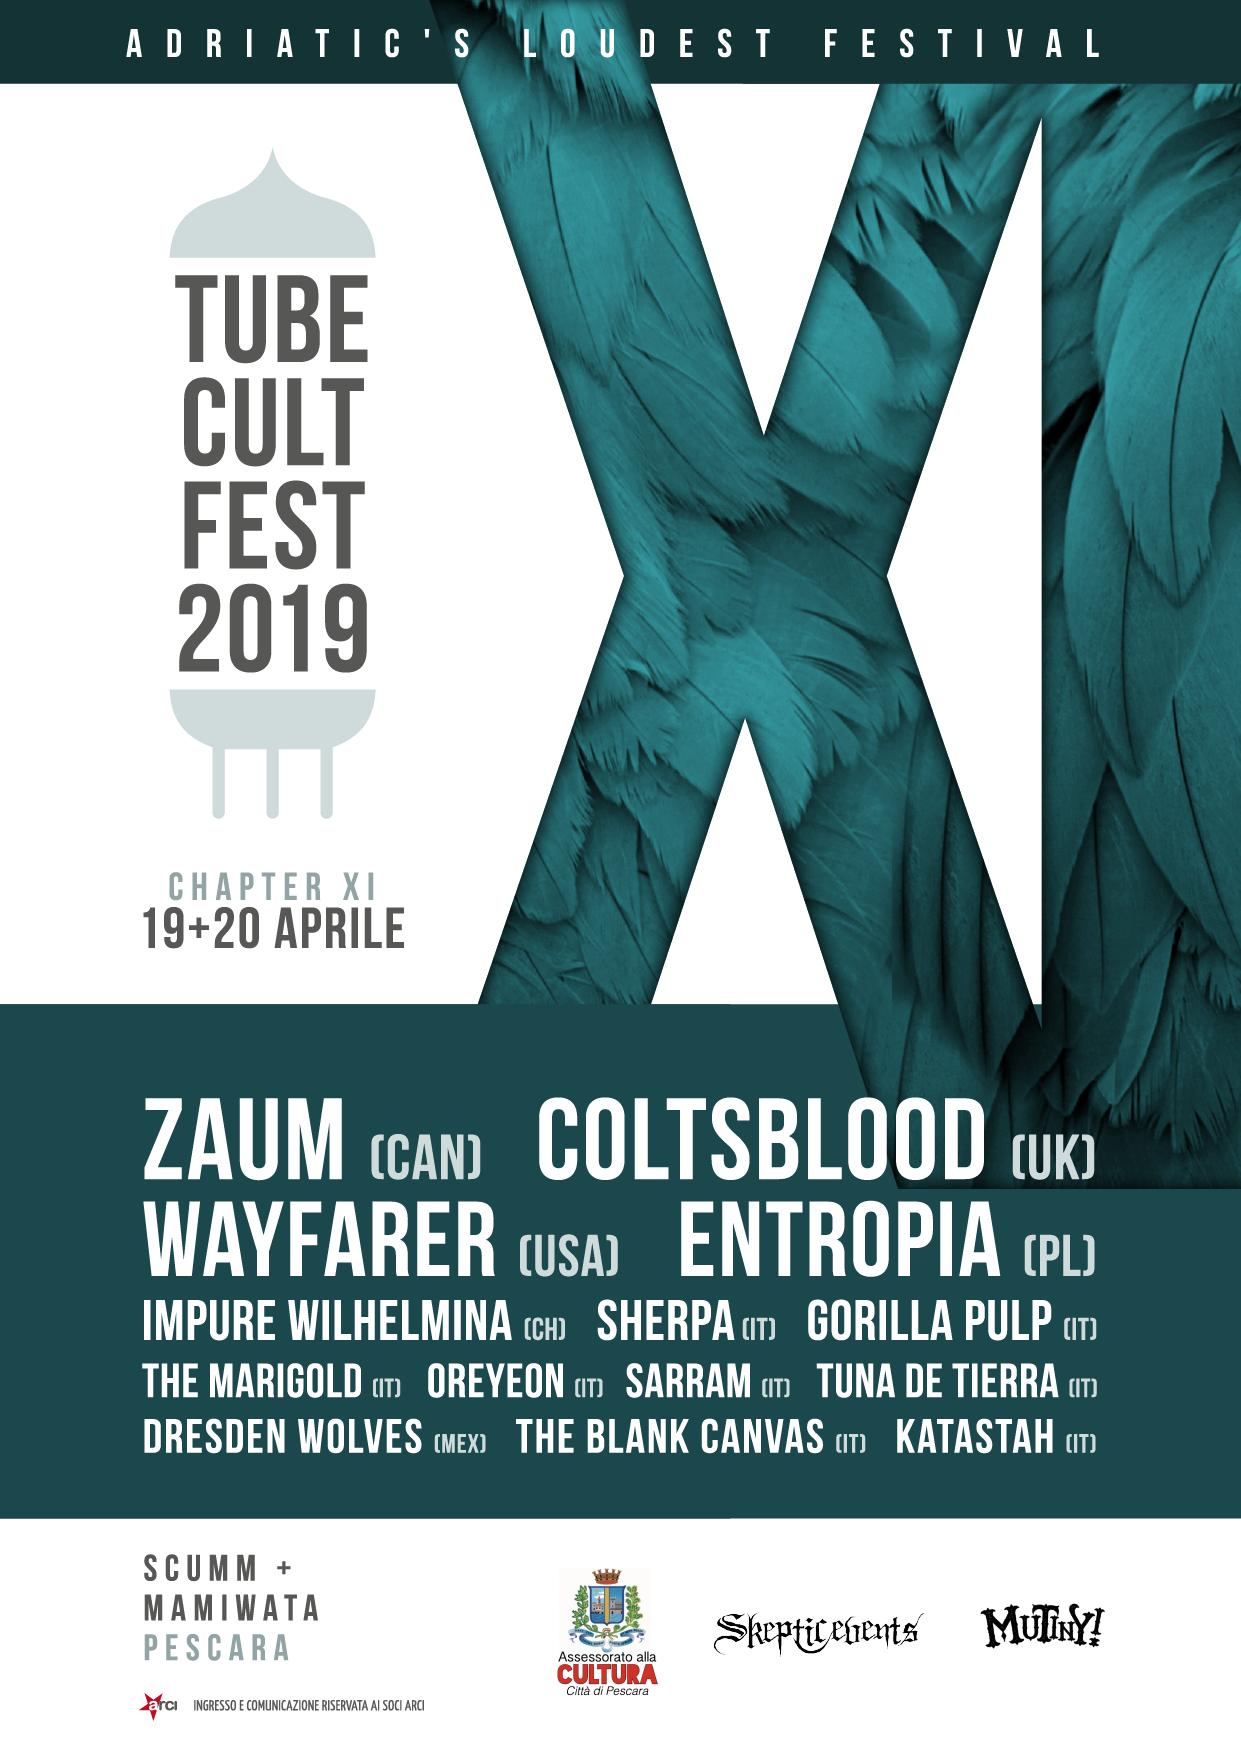 tube cult fest 2019 poster